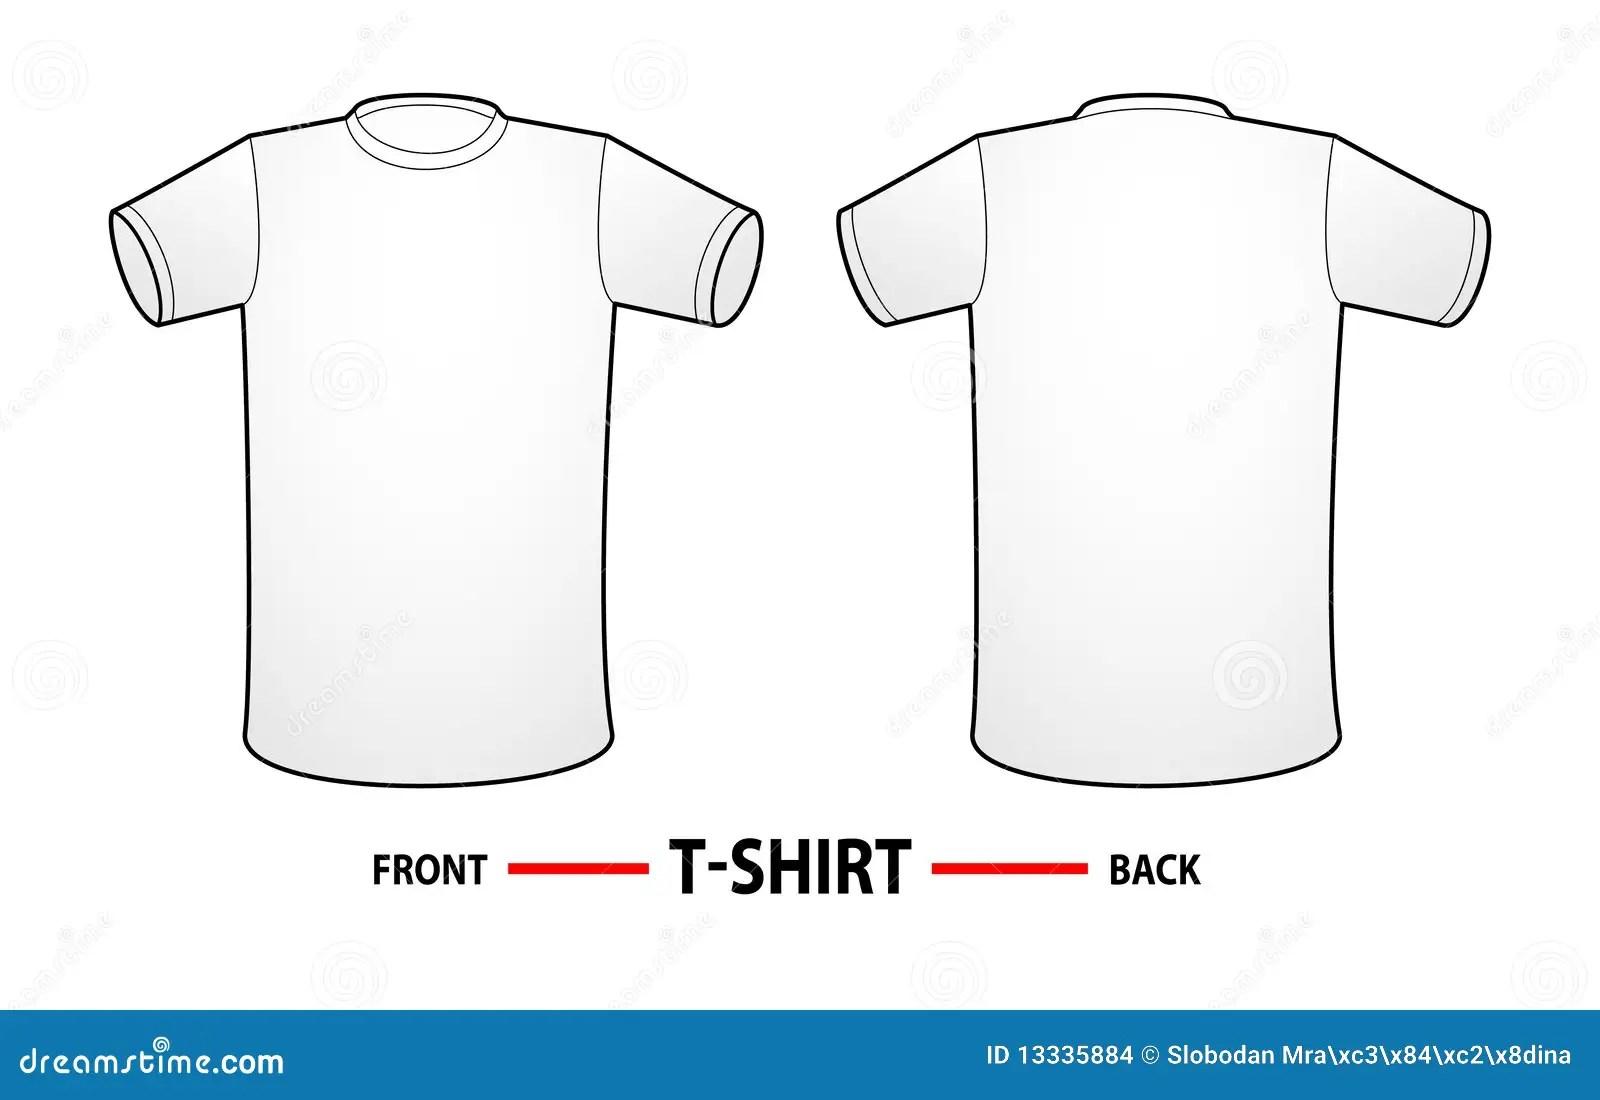 Het Lege Malplaatje Van De T Shirt Stock Illustratie